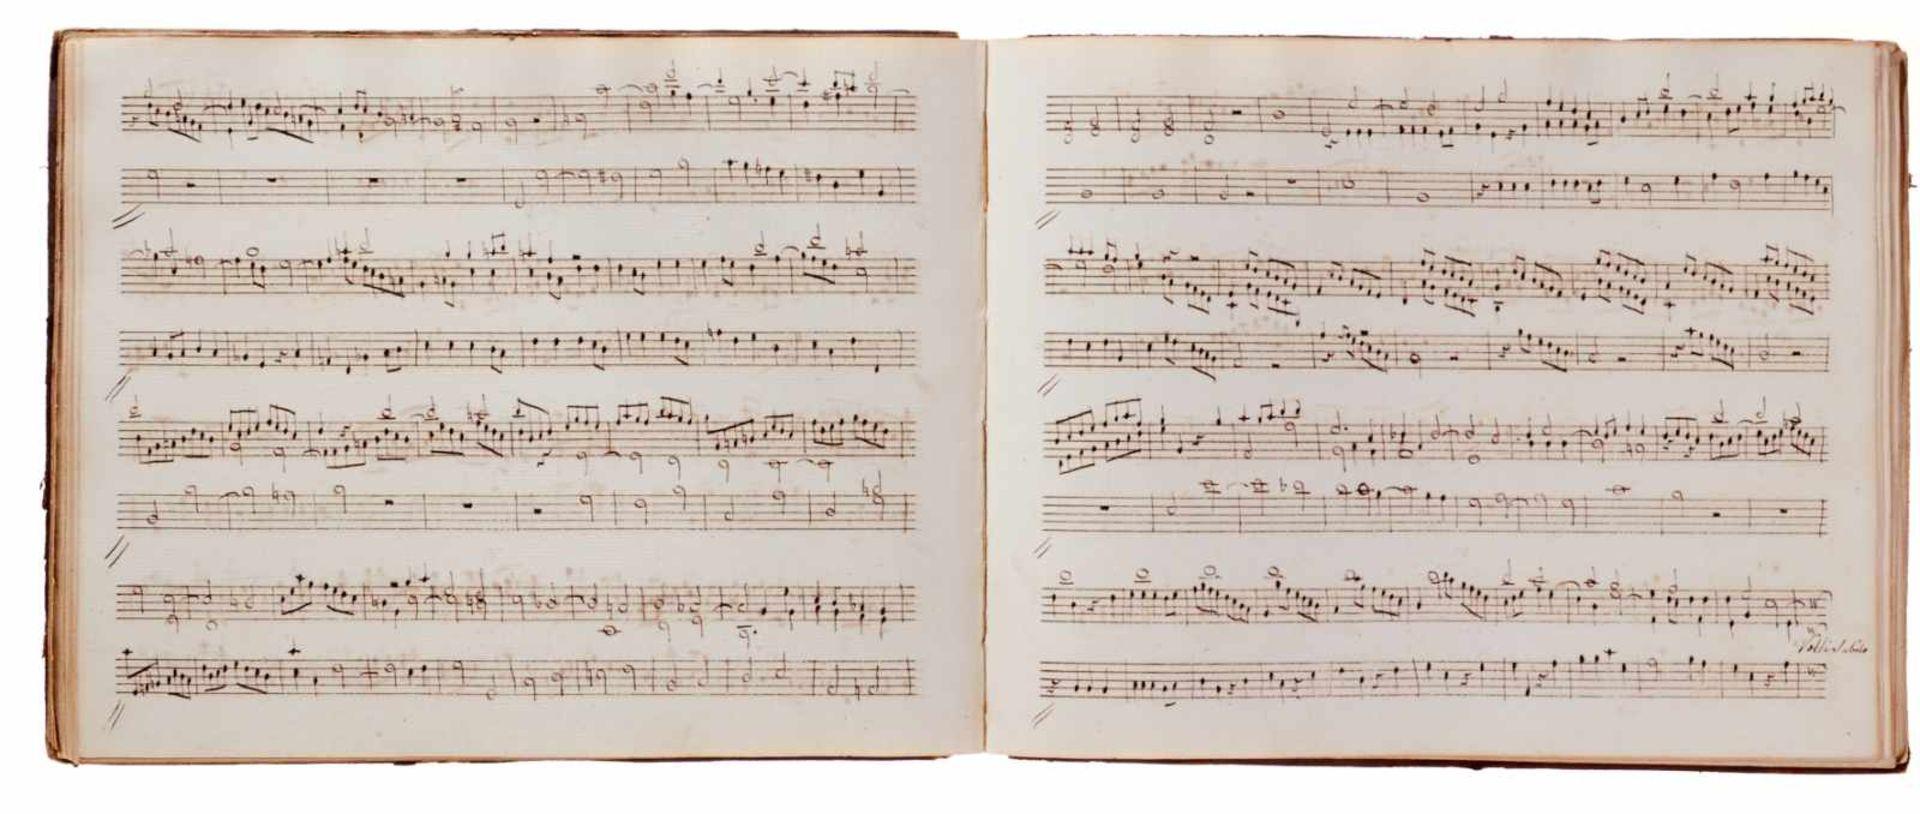 Notiz- und Skizzenbuch eines in Großbritannien tätigen Komponisten.Musikhandschrift auf Papier. Wohl - Bild 19 aus 30